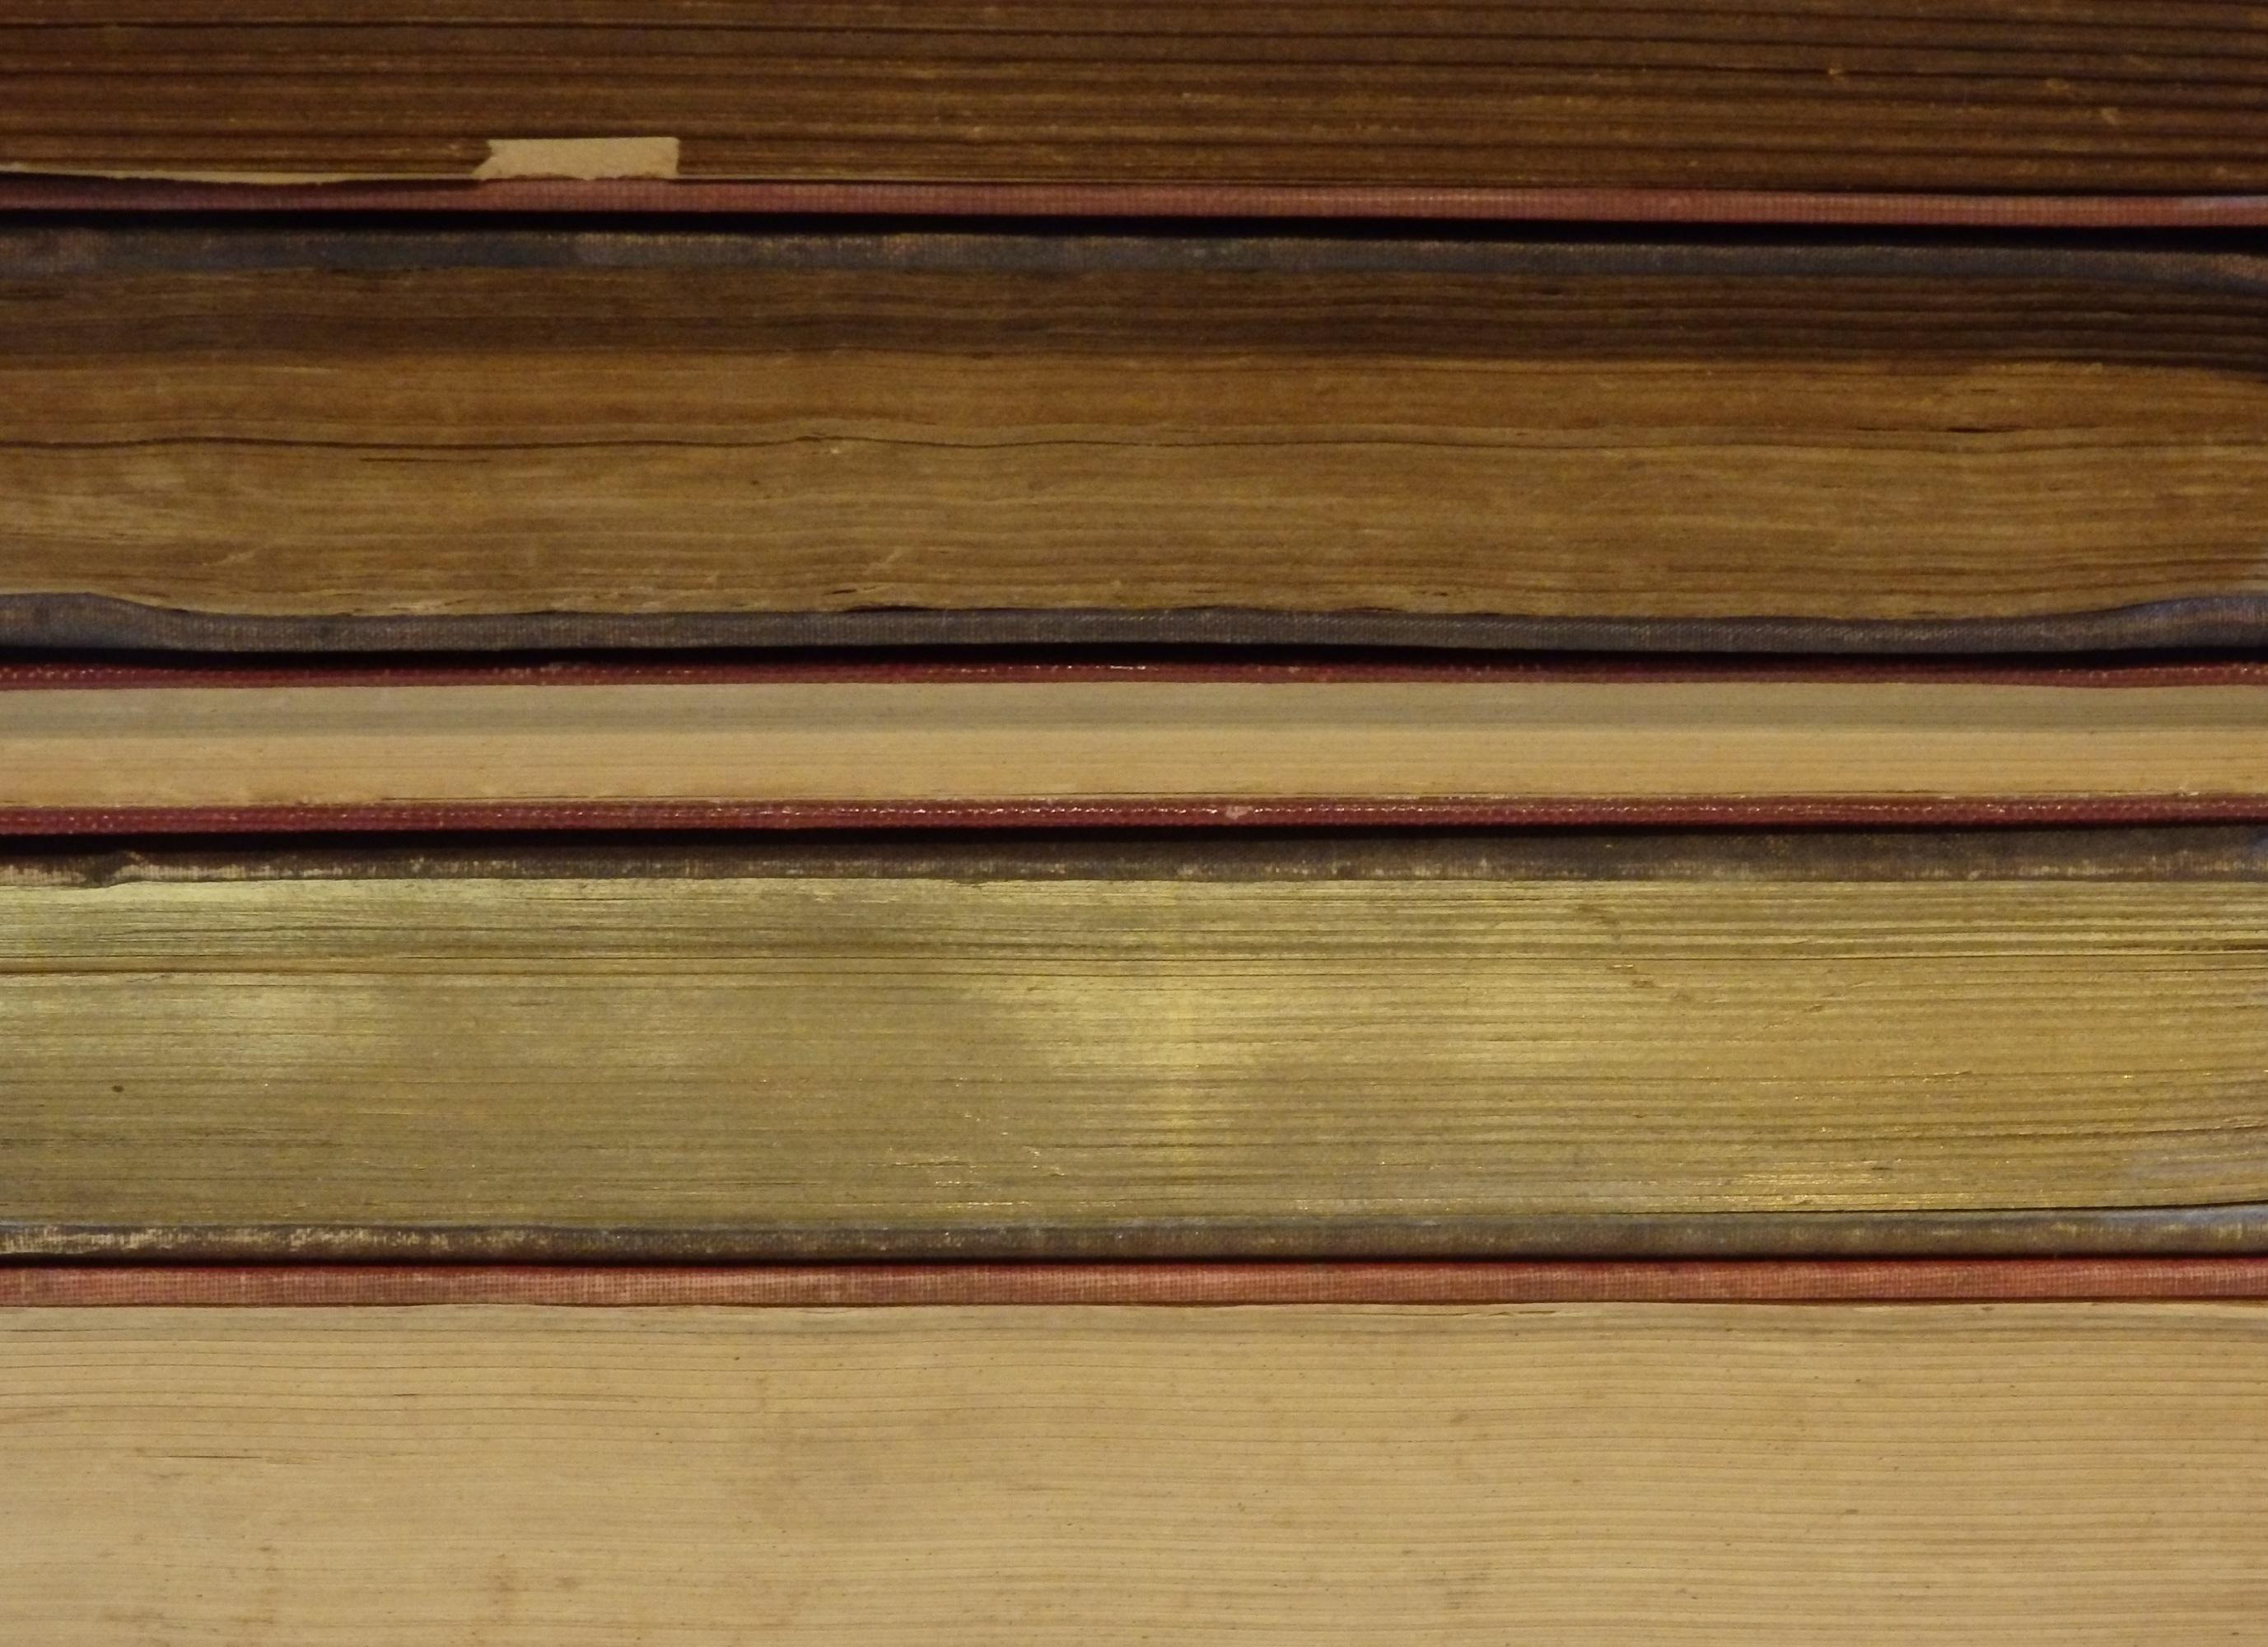 Fotos gratis : antiguo, textura, piso, maderas, libros, madera dura ...